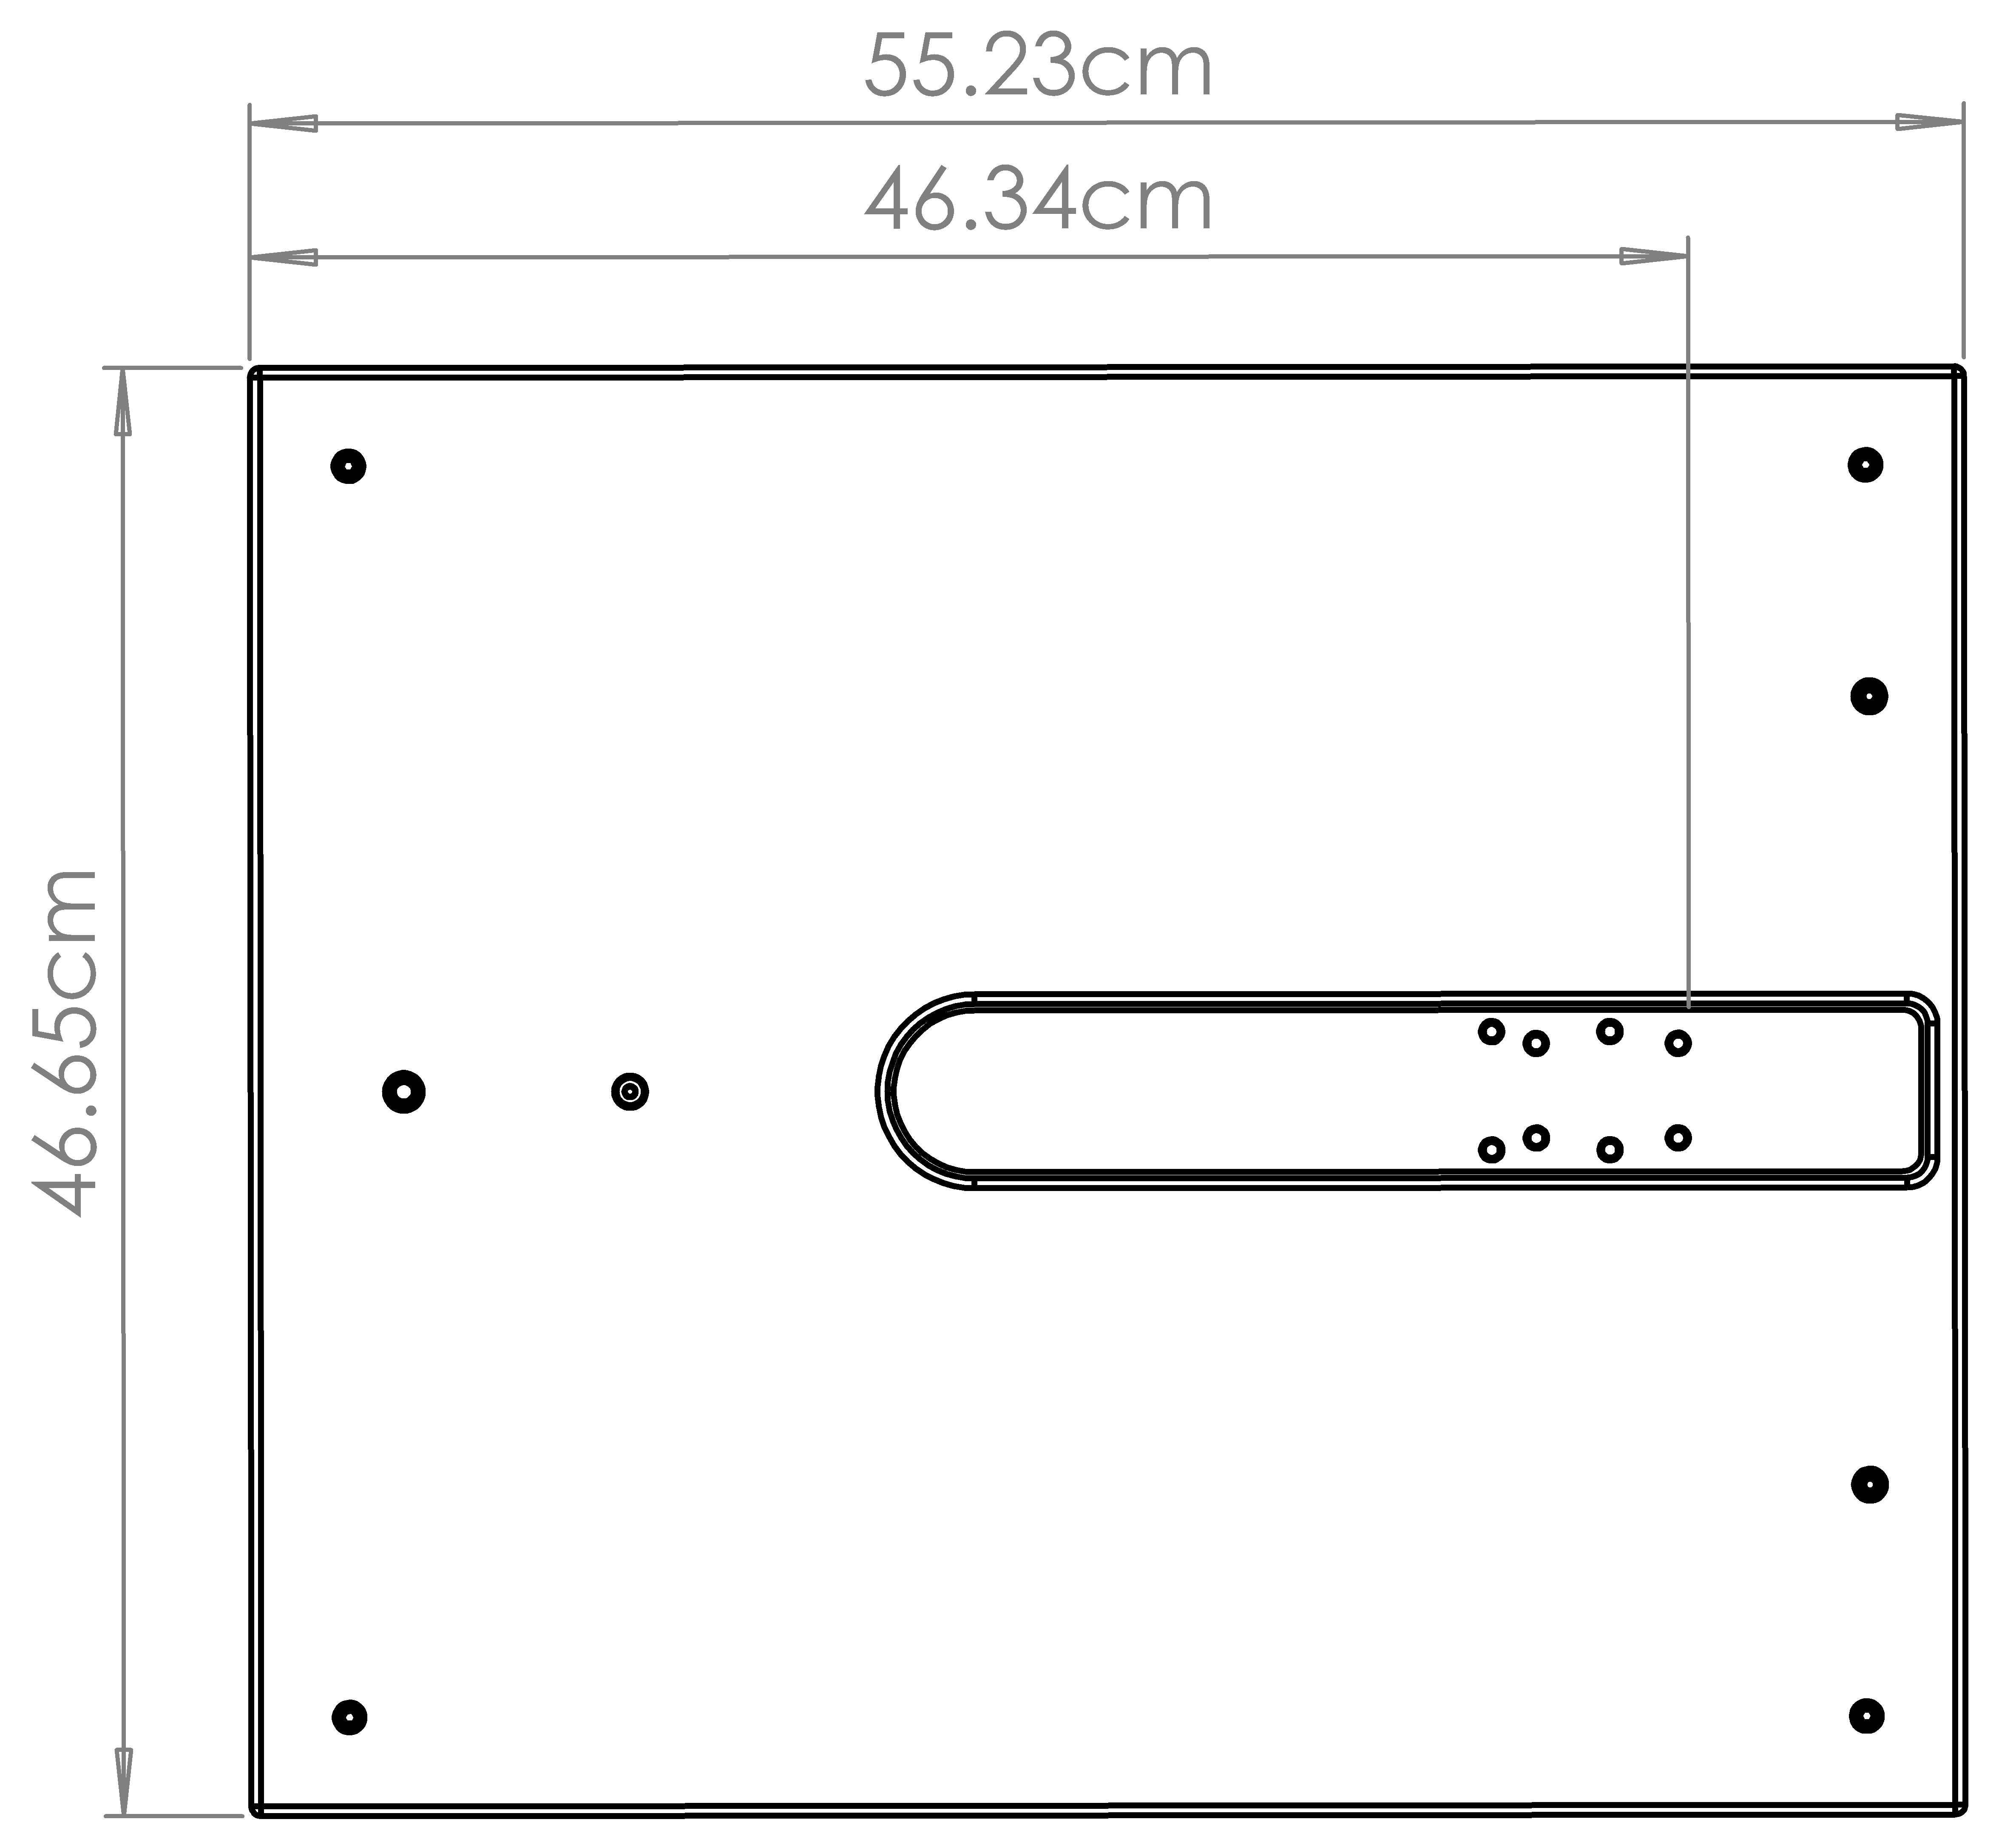 2J03 仪器平台 俯视图.png